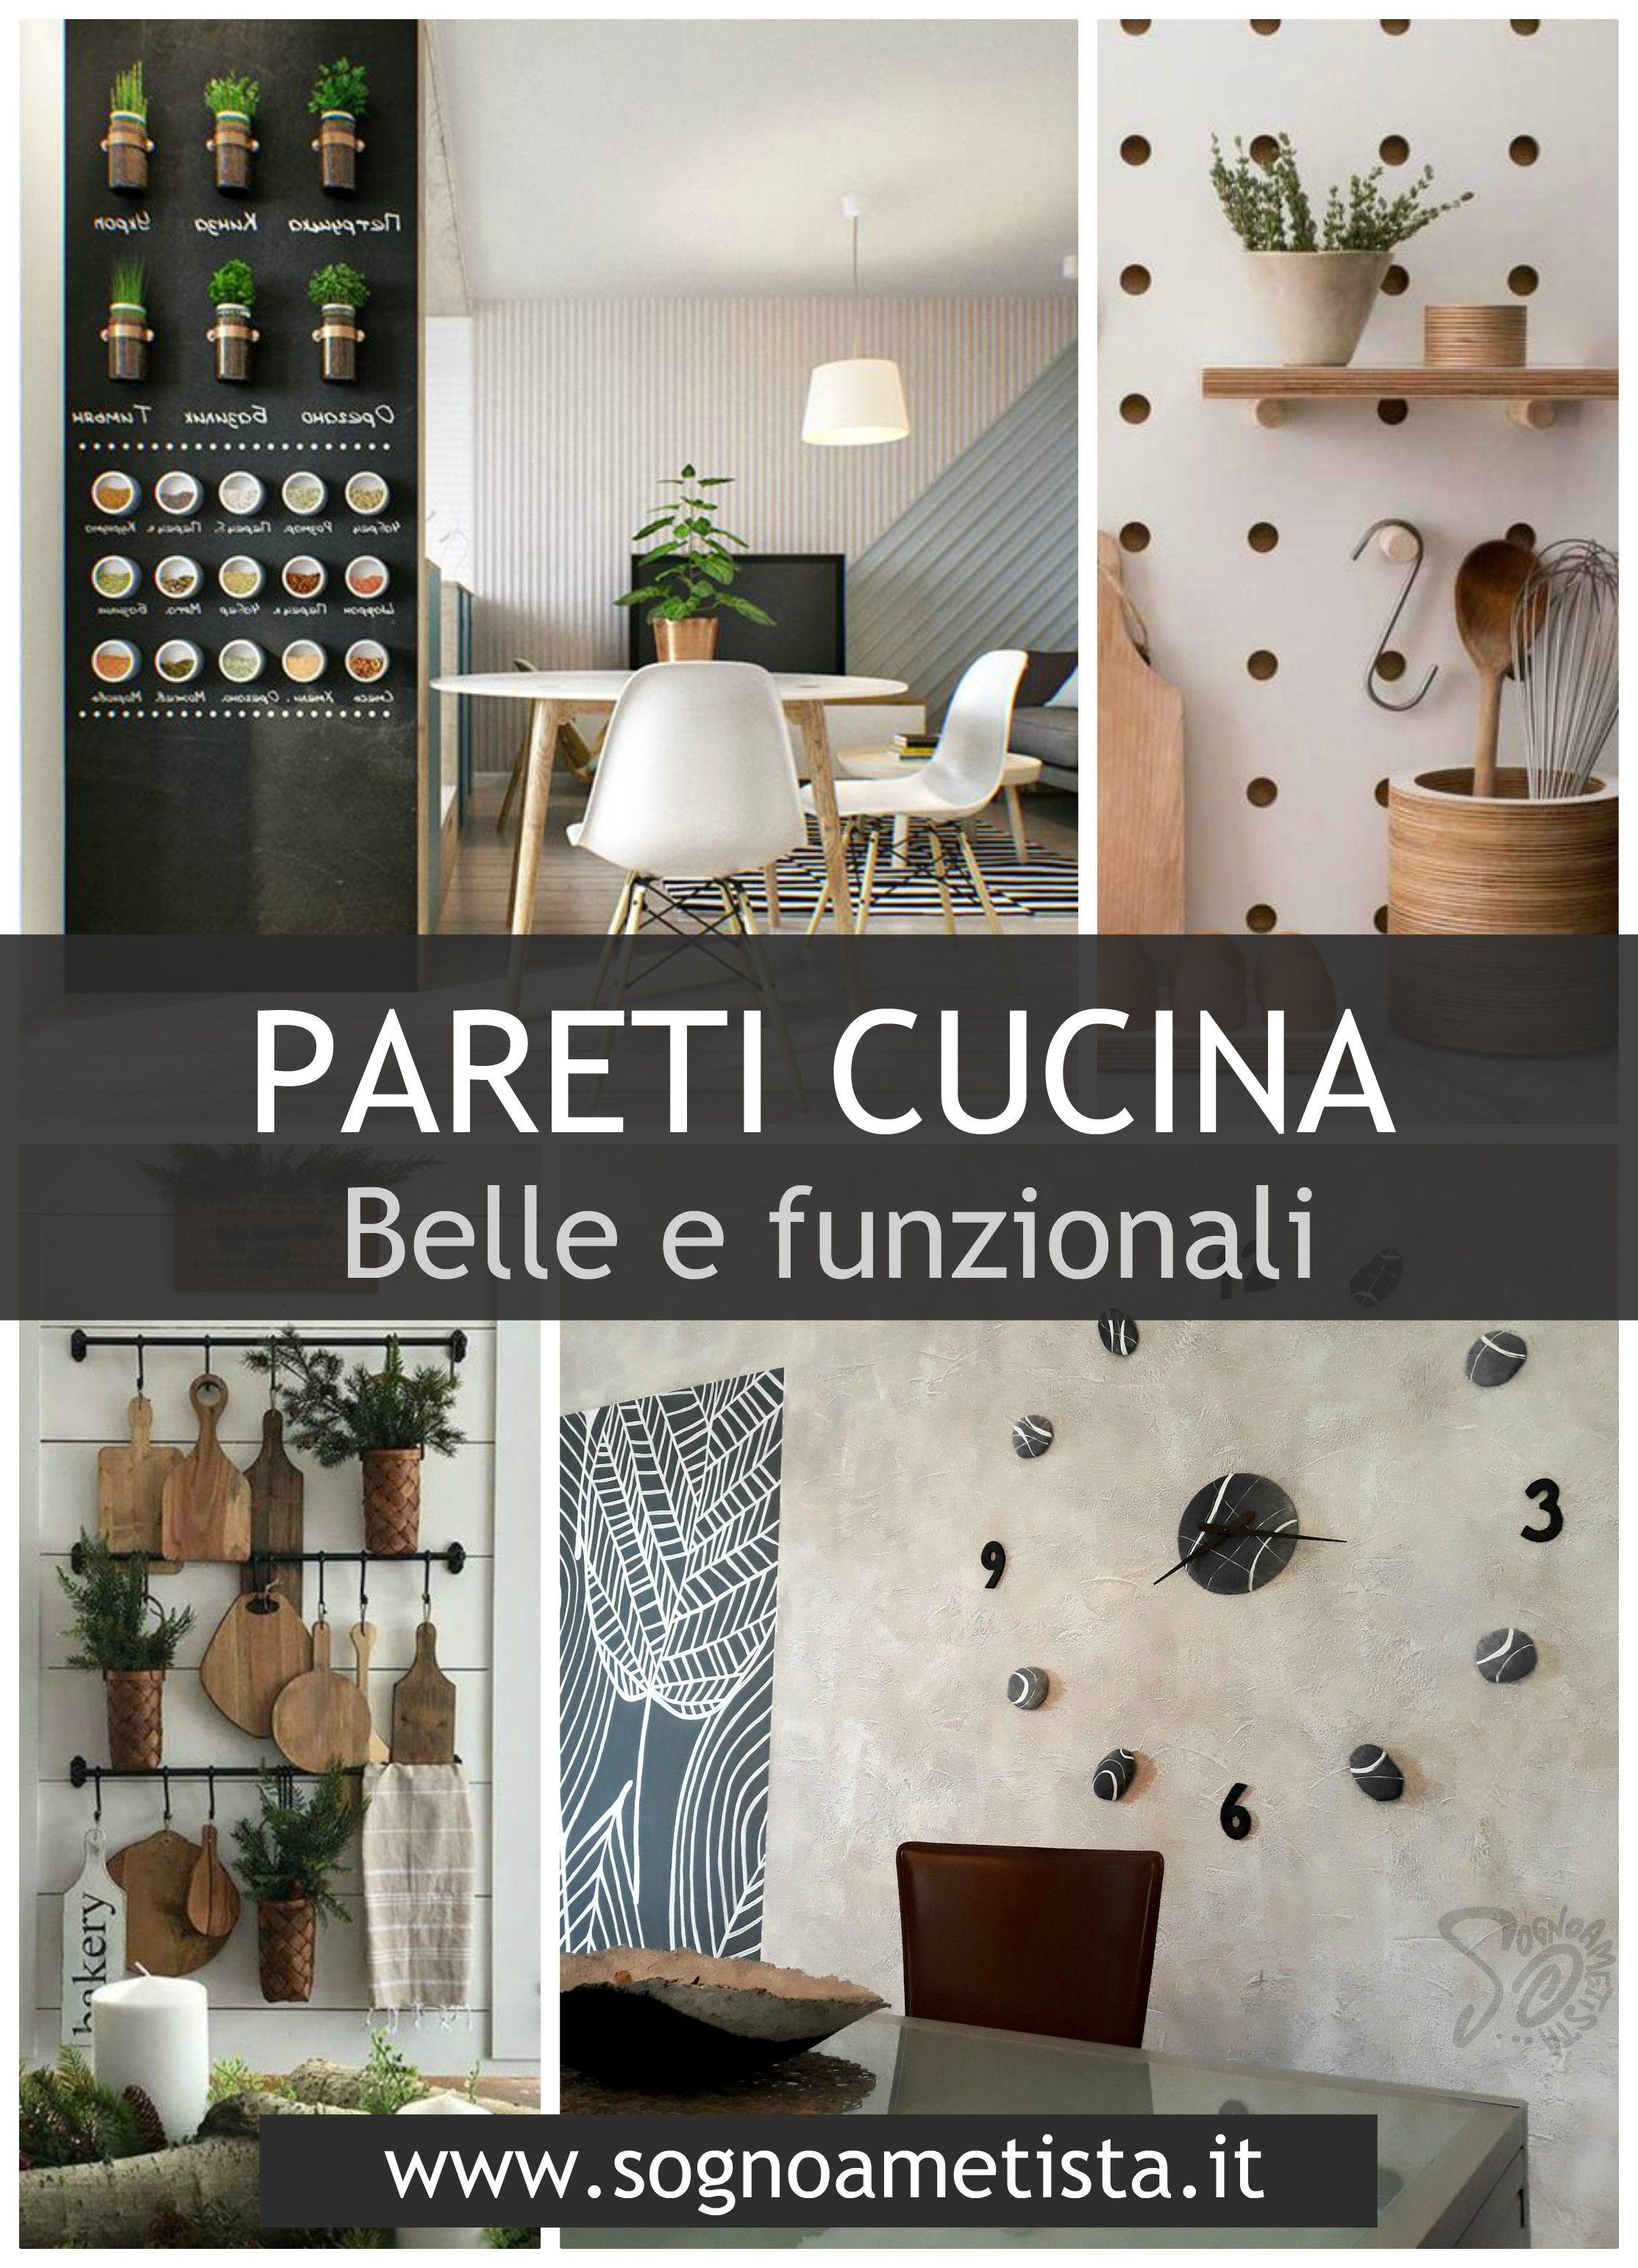 Come arredare una parete con foto: Arredare Parete Vuota Cucina 10 Idee Wow Pareti Della Cucina Arredamento Parete Vuota